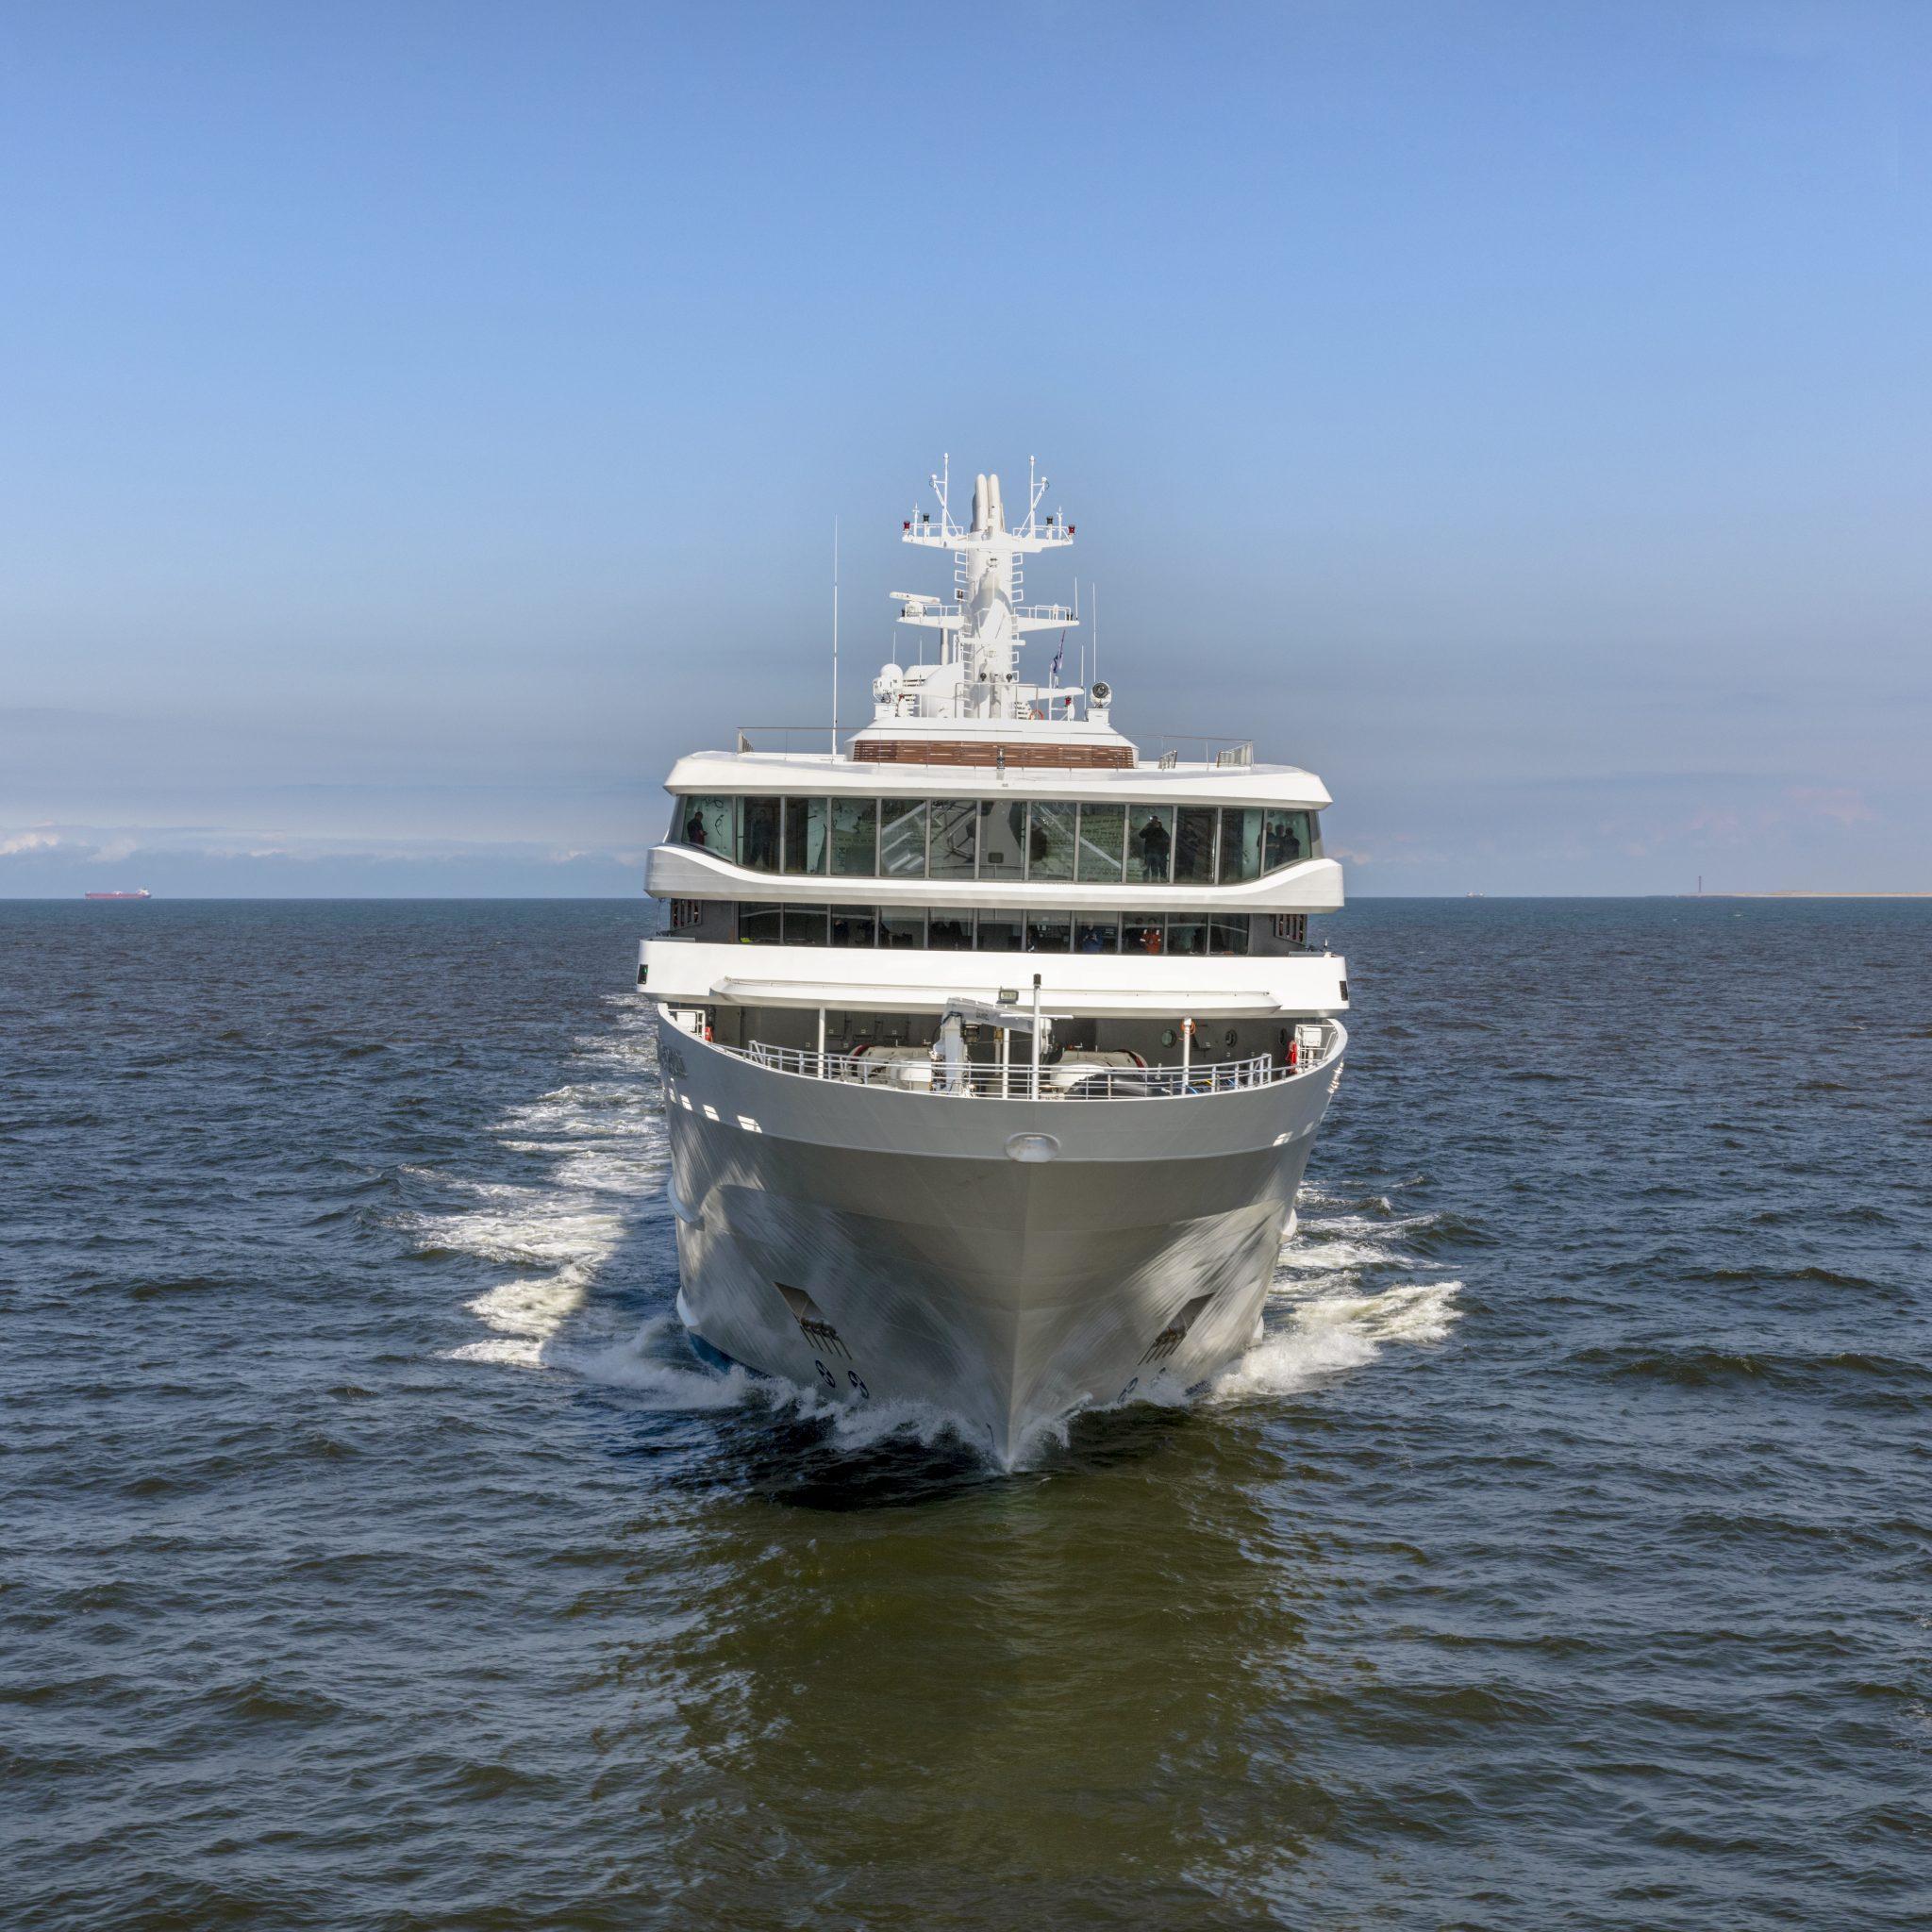 In alle maritieme segmenten is de orderintake drastisch gedaald